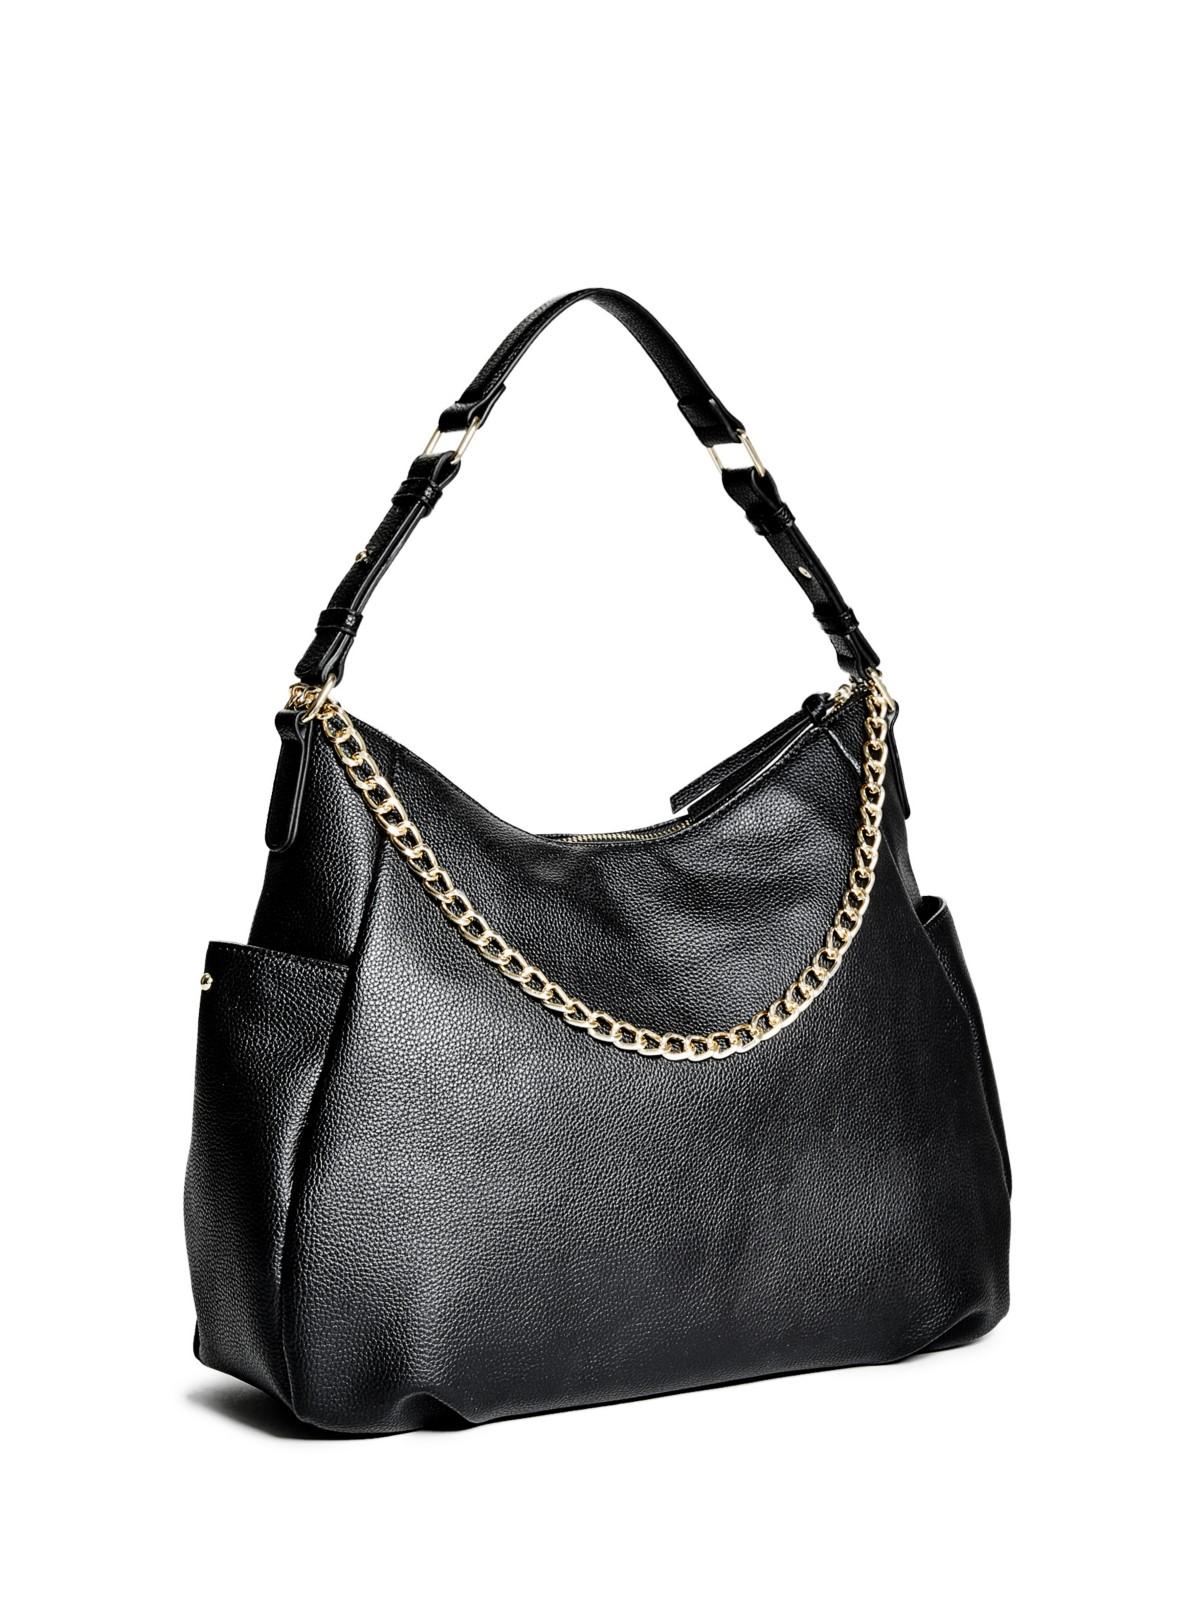 GUESS Women's Genevia Zipper Hobo Bag | eBay